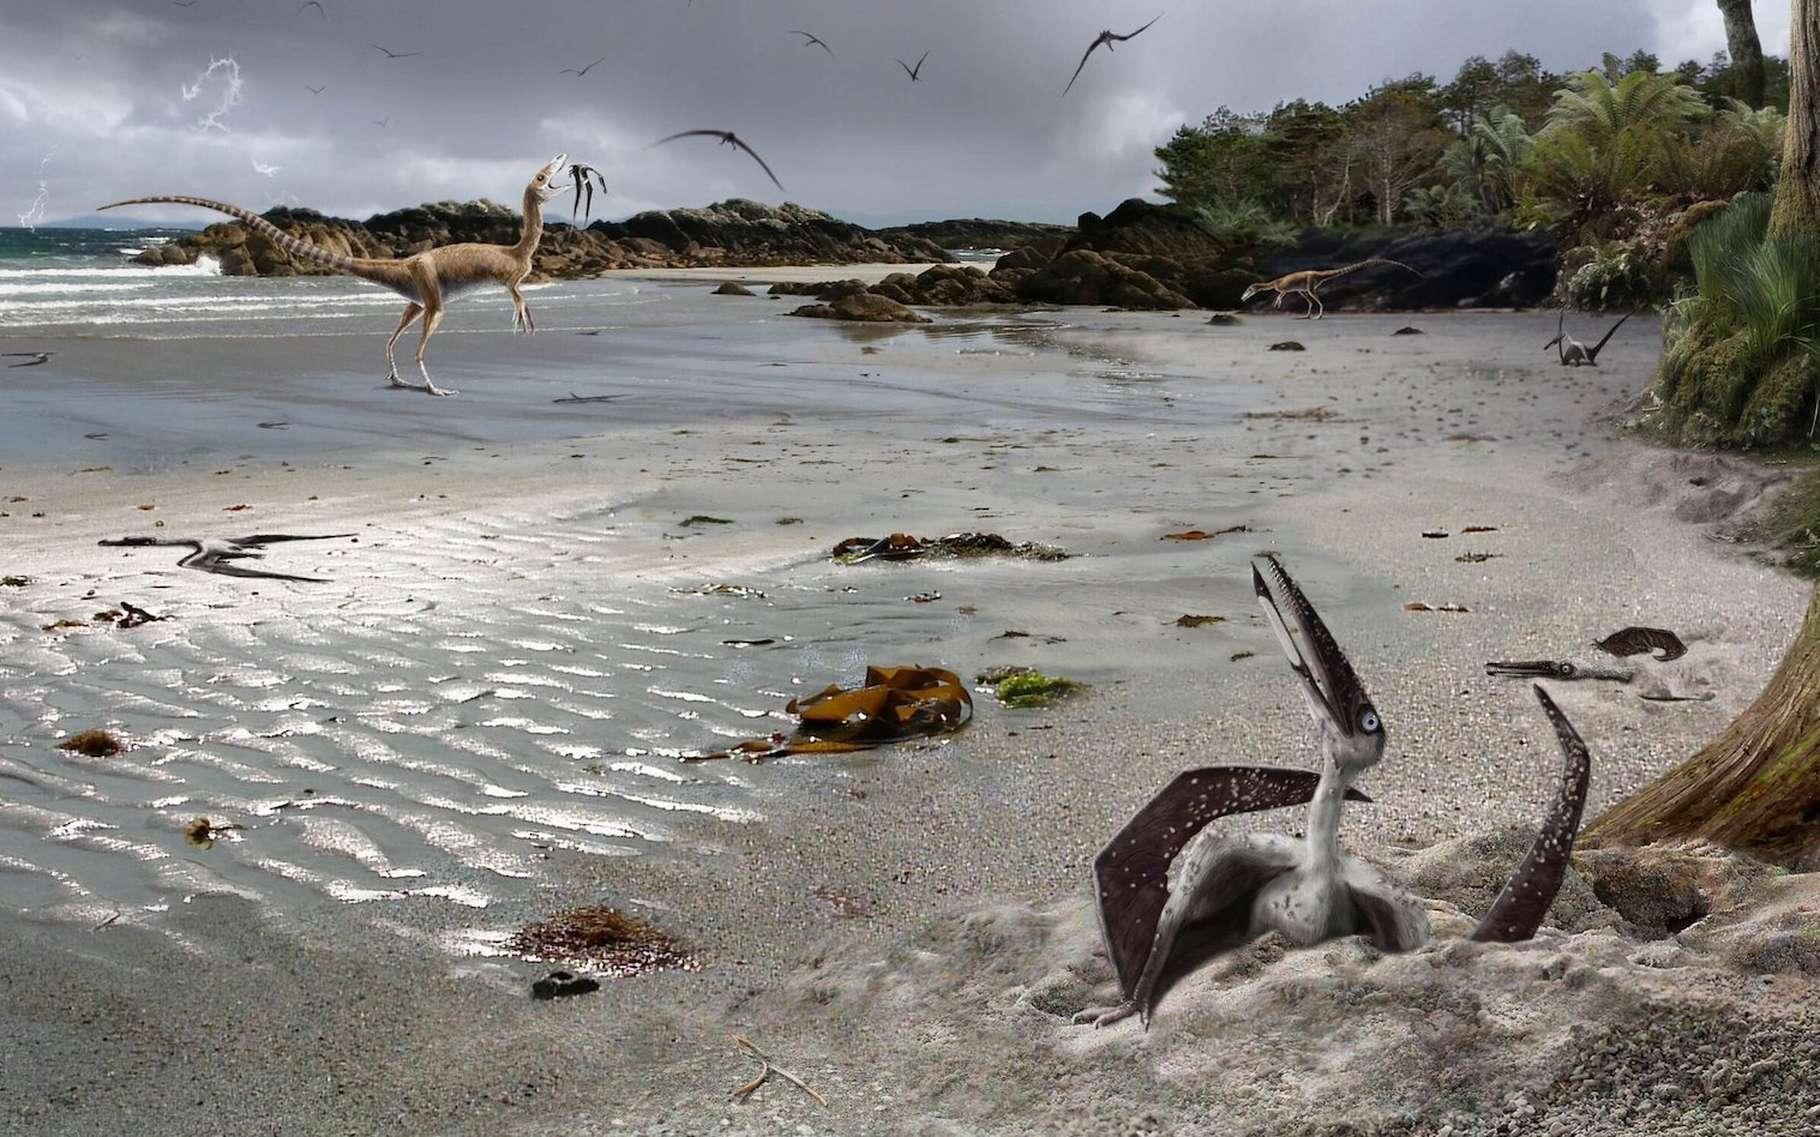 Une étude suggère que les ptérodactyles, contrairement à tous les autres vertébrés volants, étaient capables de voler dès leur naissance. Sur cette vue d'artiste, un tout jeune ptérodactyle, à peine sorti de l'œuf. © James Brown, Université de Leicester